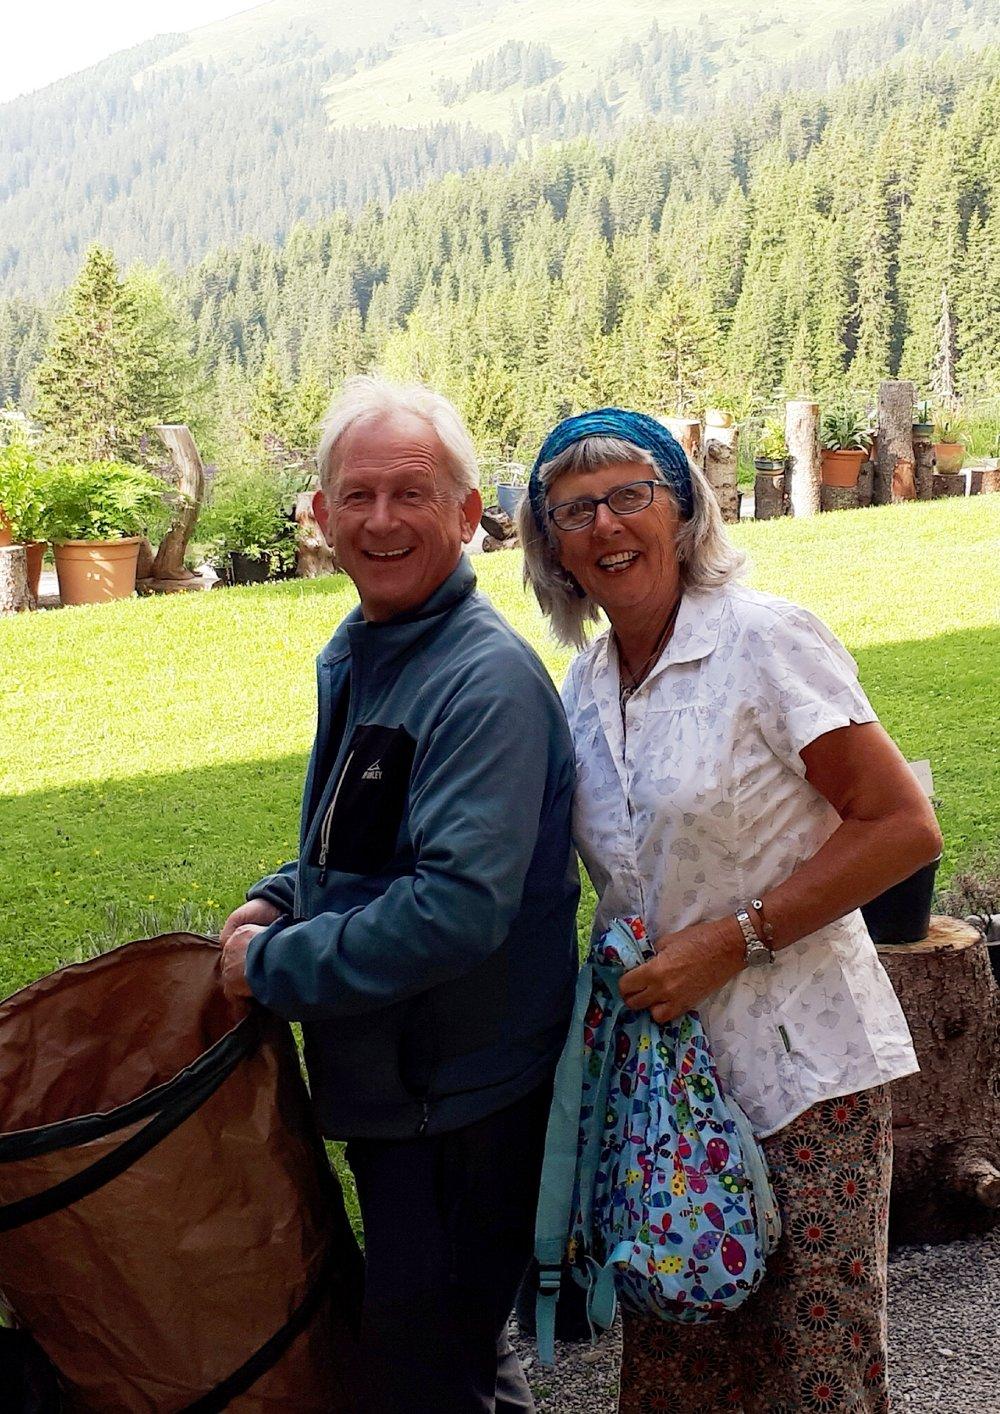 Klaus Oetjen, Master Gardener and Garden Director of Schatzalp Alpinum.